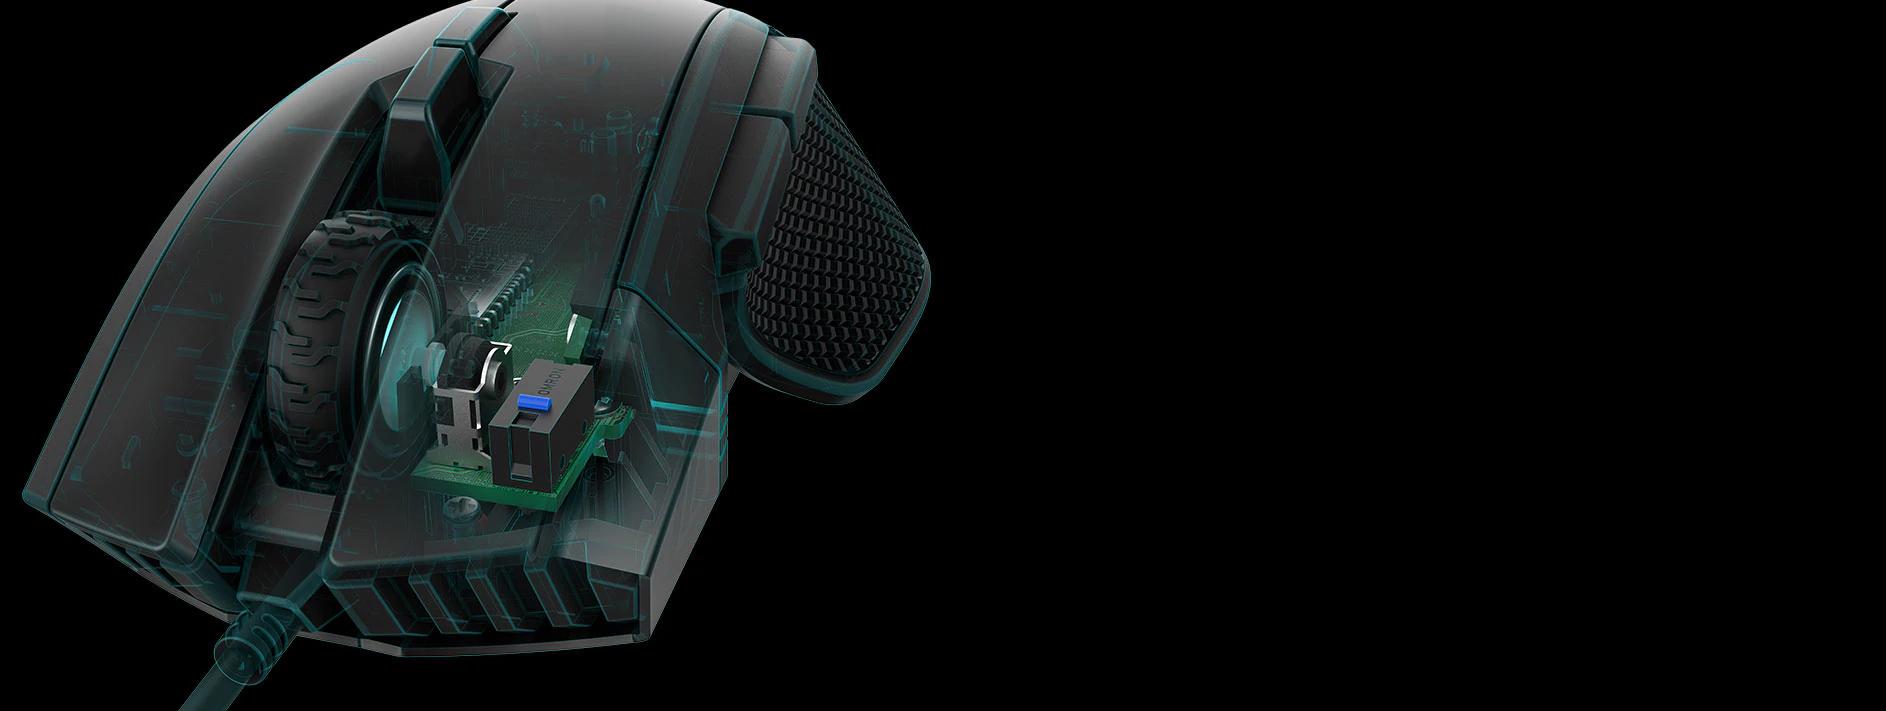 Chuột Corsair Iron claw RGB (CH-9307011-AP) sử dụng switch Omron cao cấp